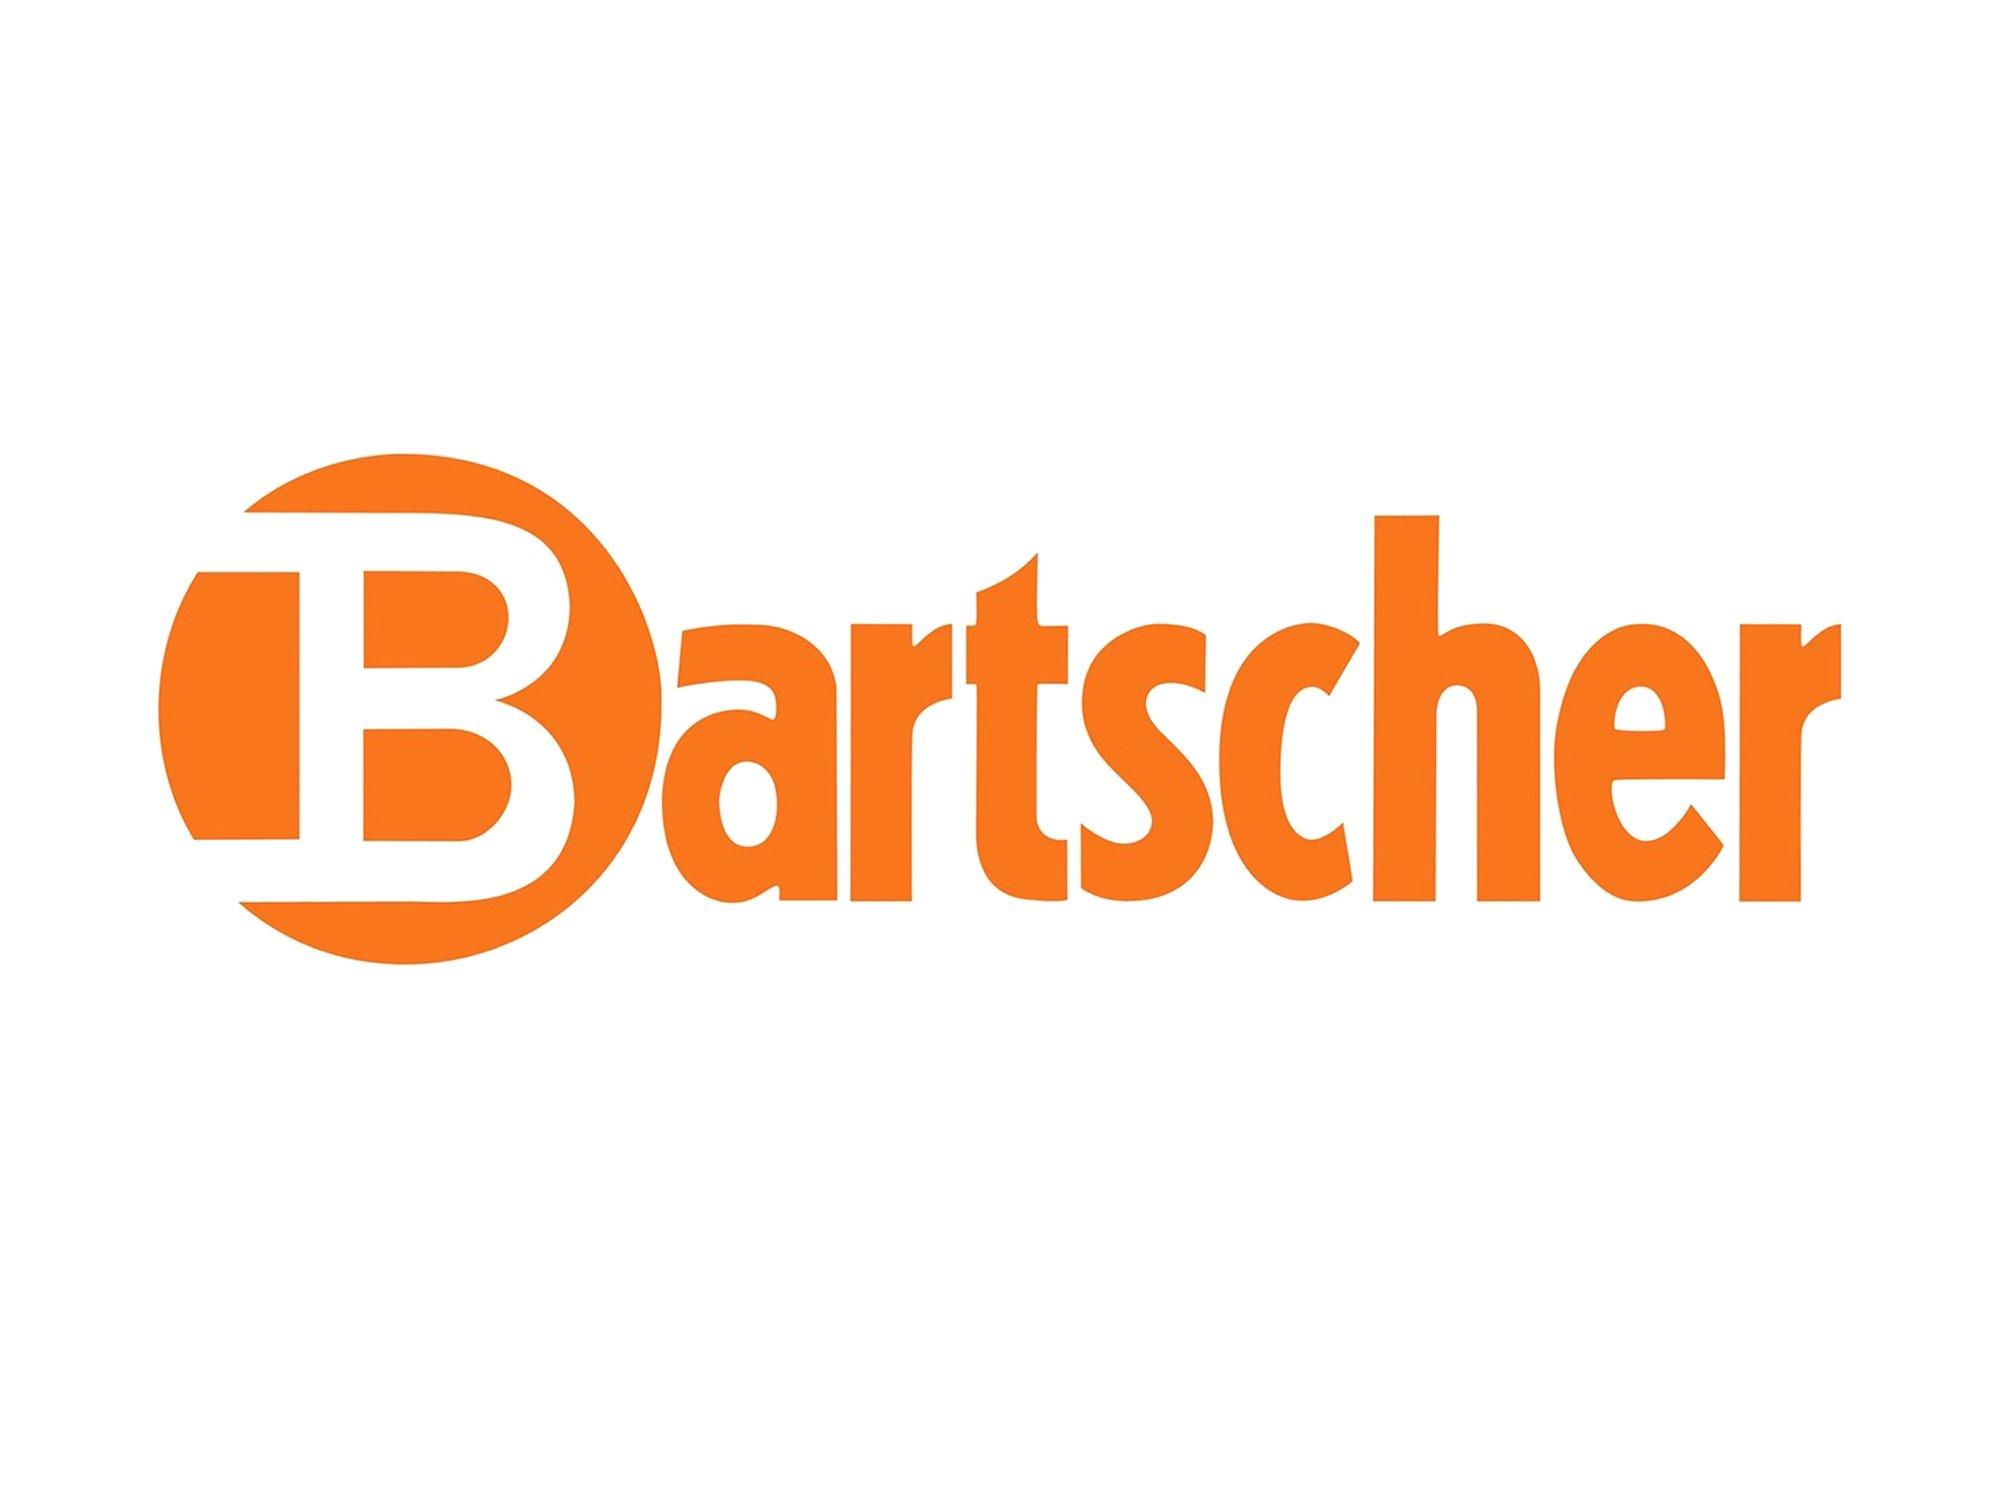 Bartscher_logo